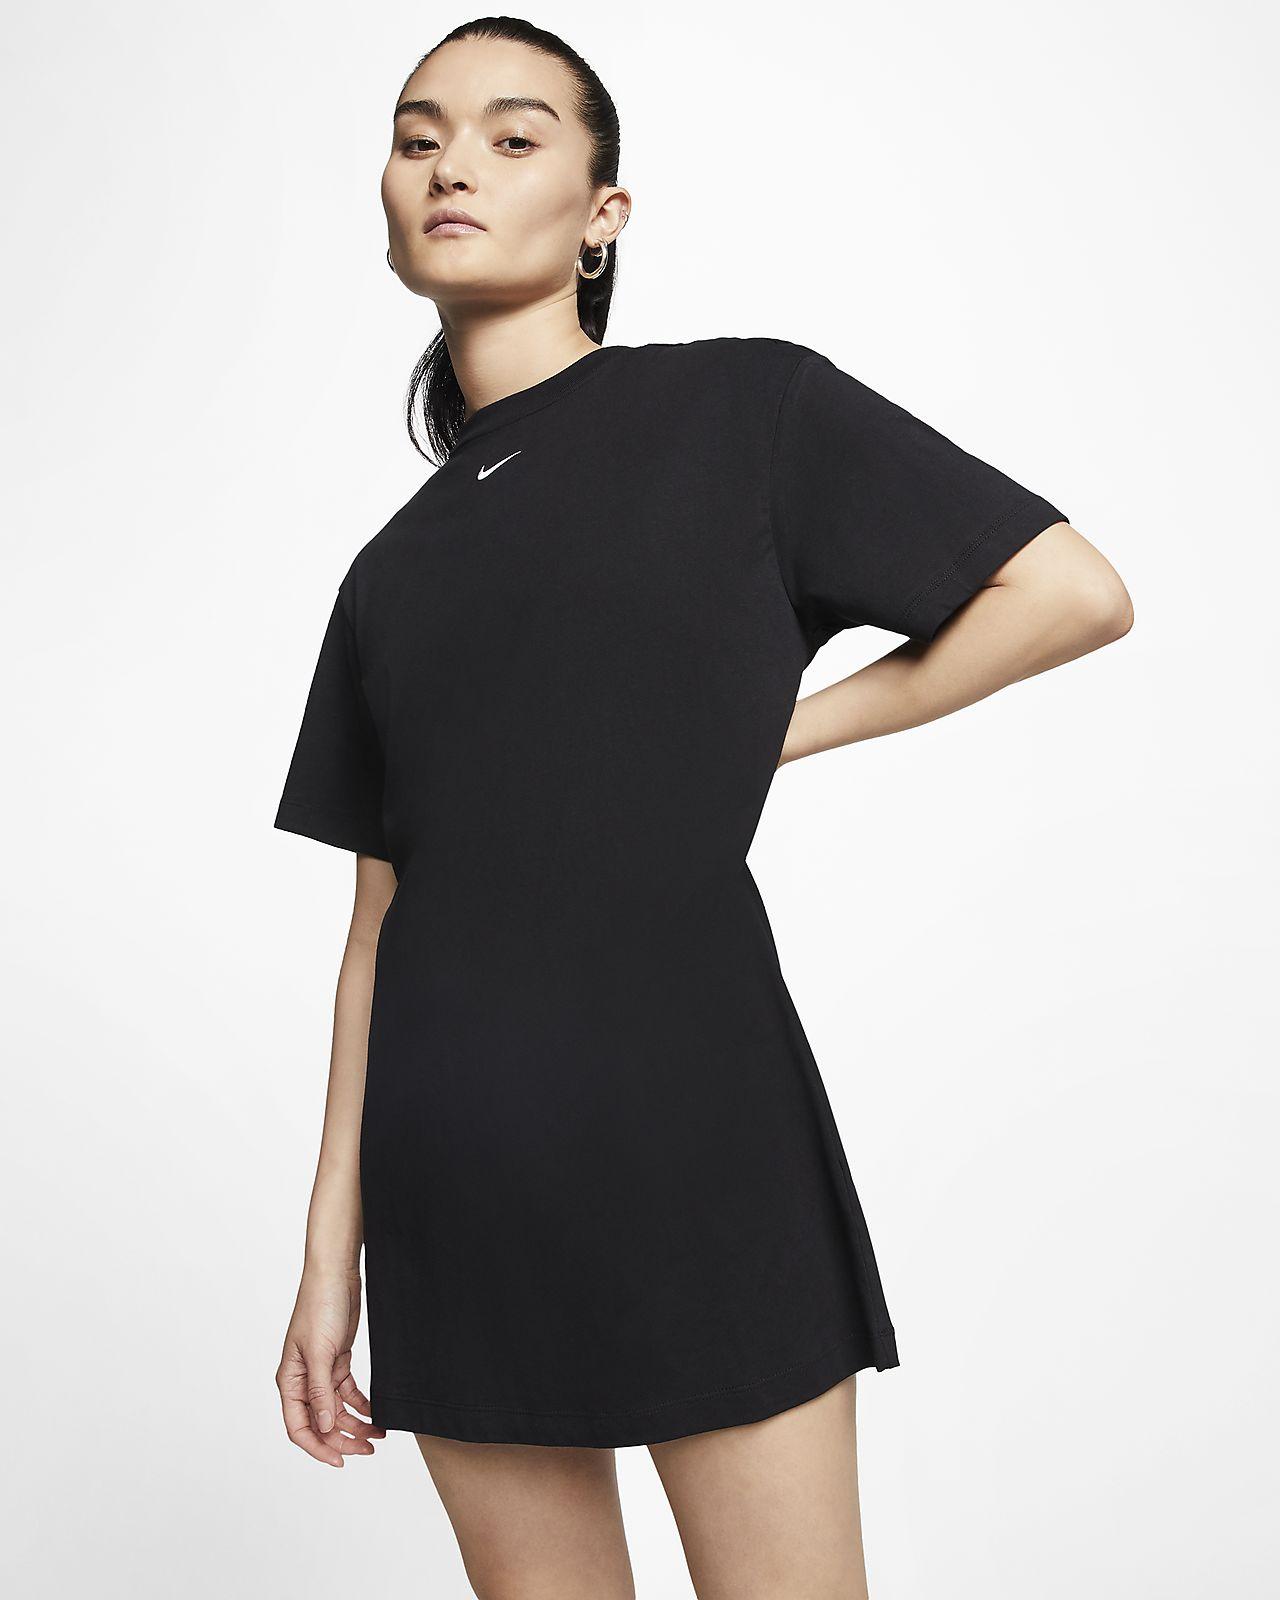 Nike Sportswear Essential 女款洋裝